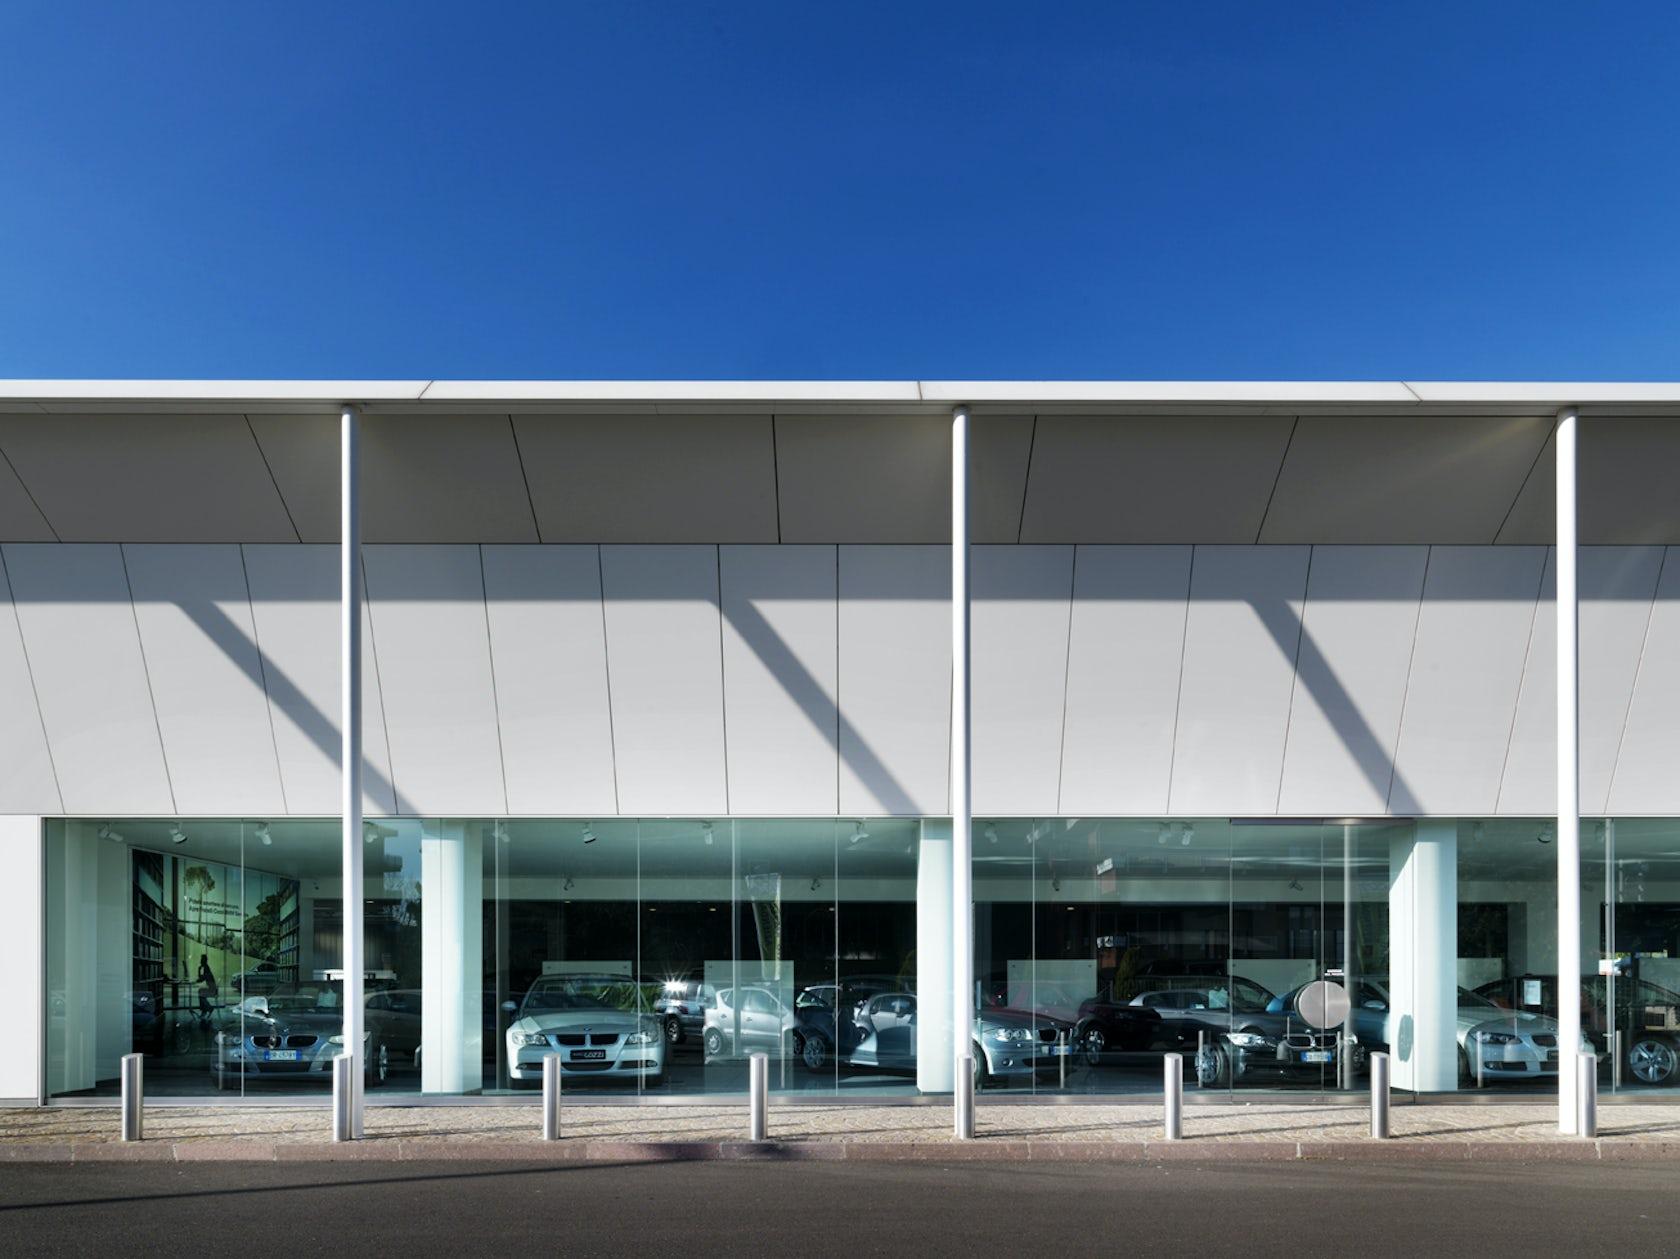 Edificio commerciale fratelli cozzi auto architizer for Vetreria airoldi